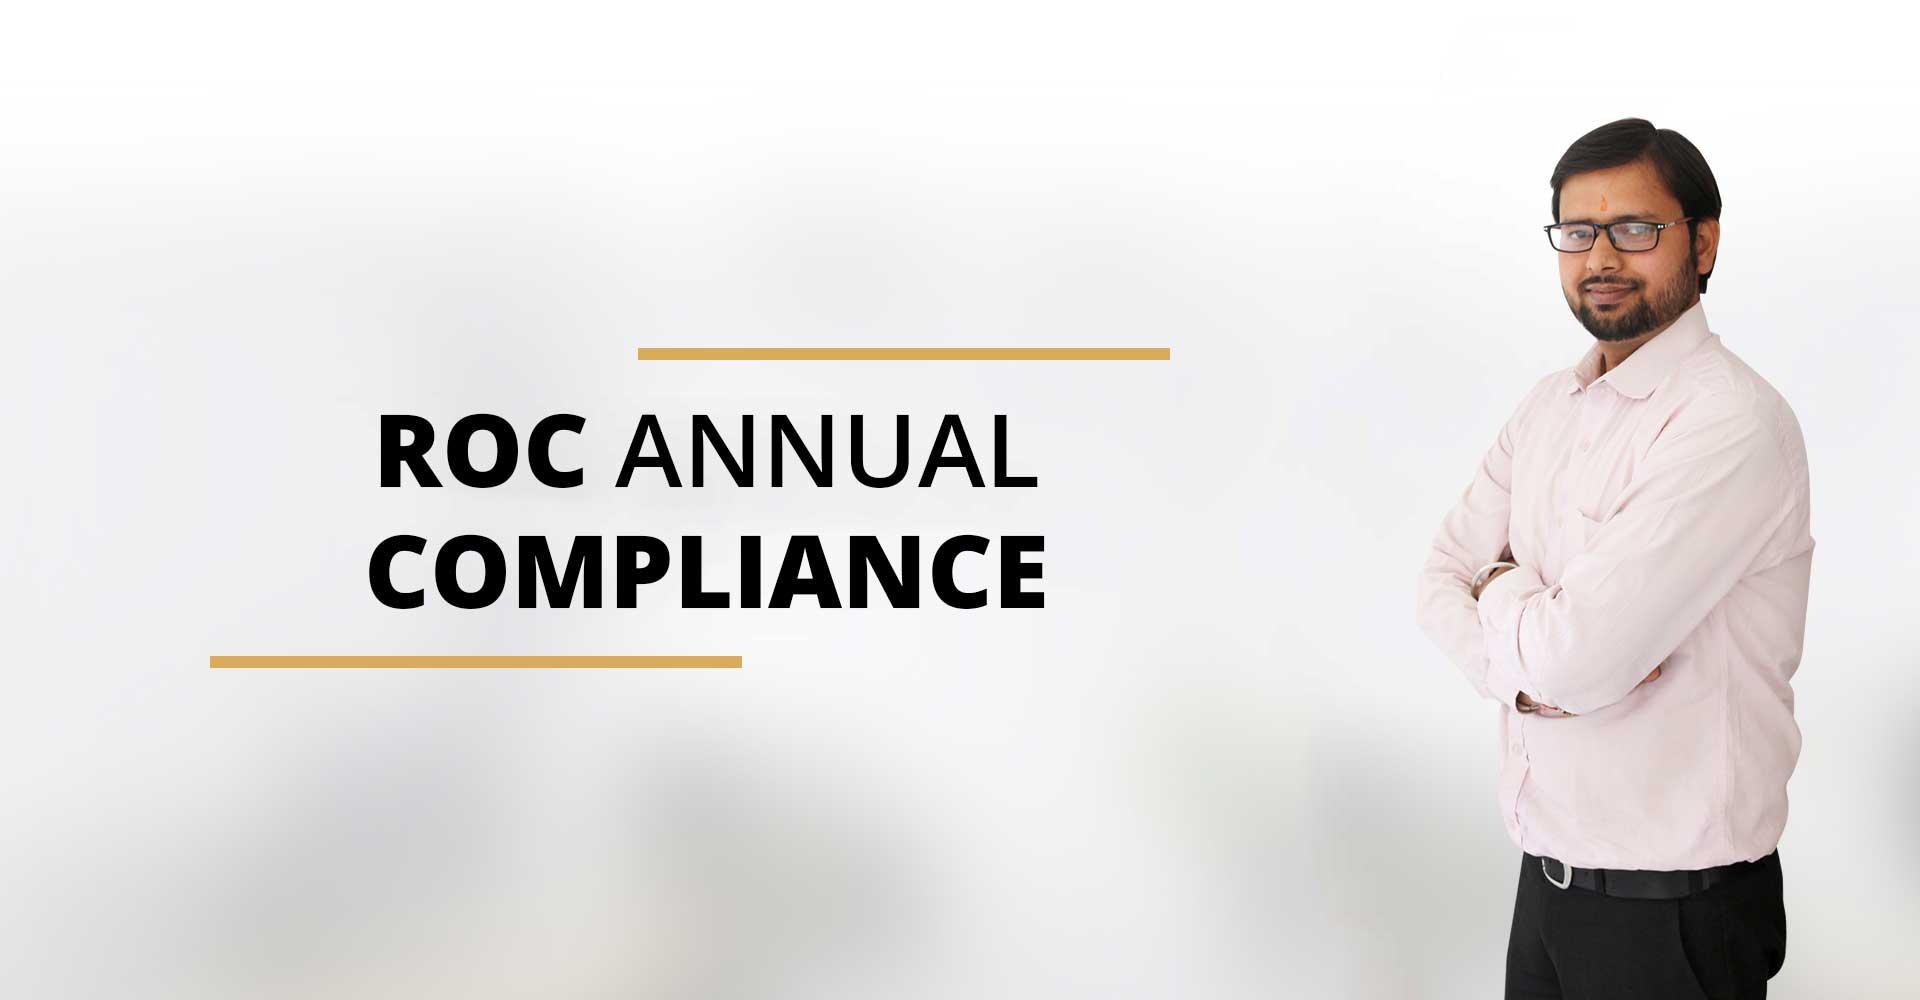 Annual ROC Compliance